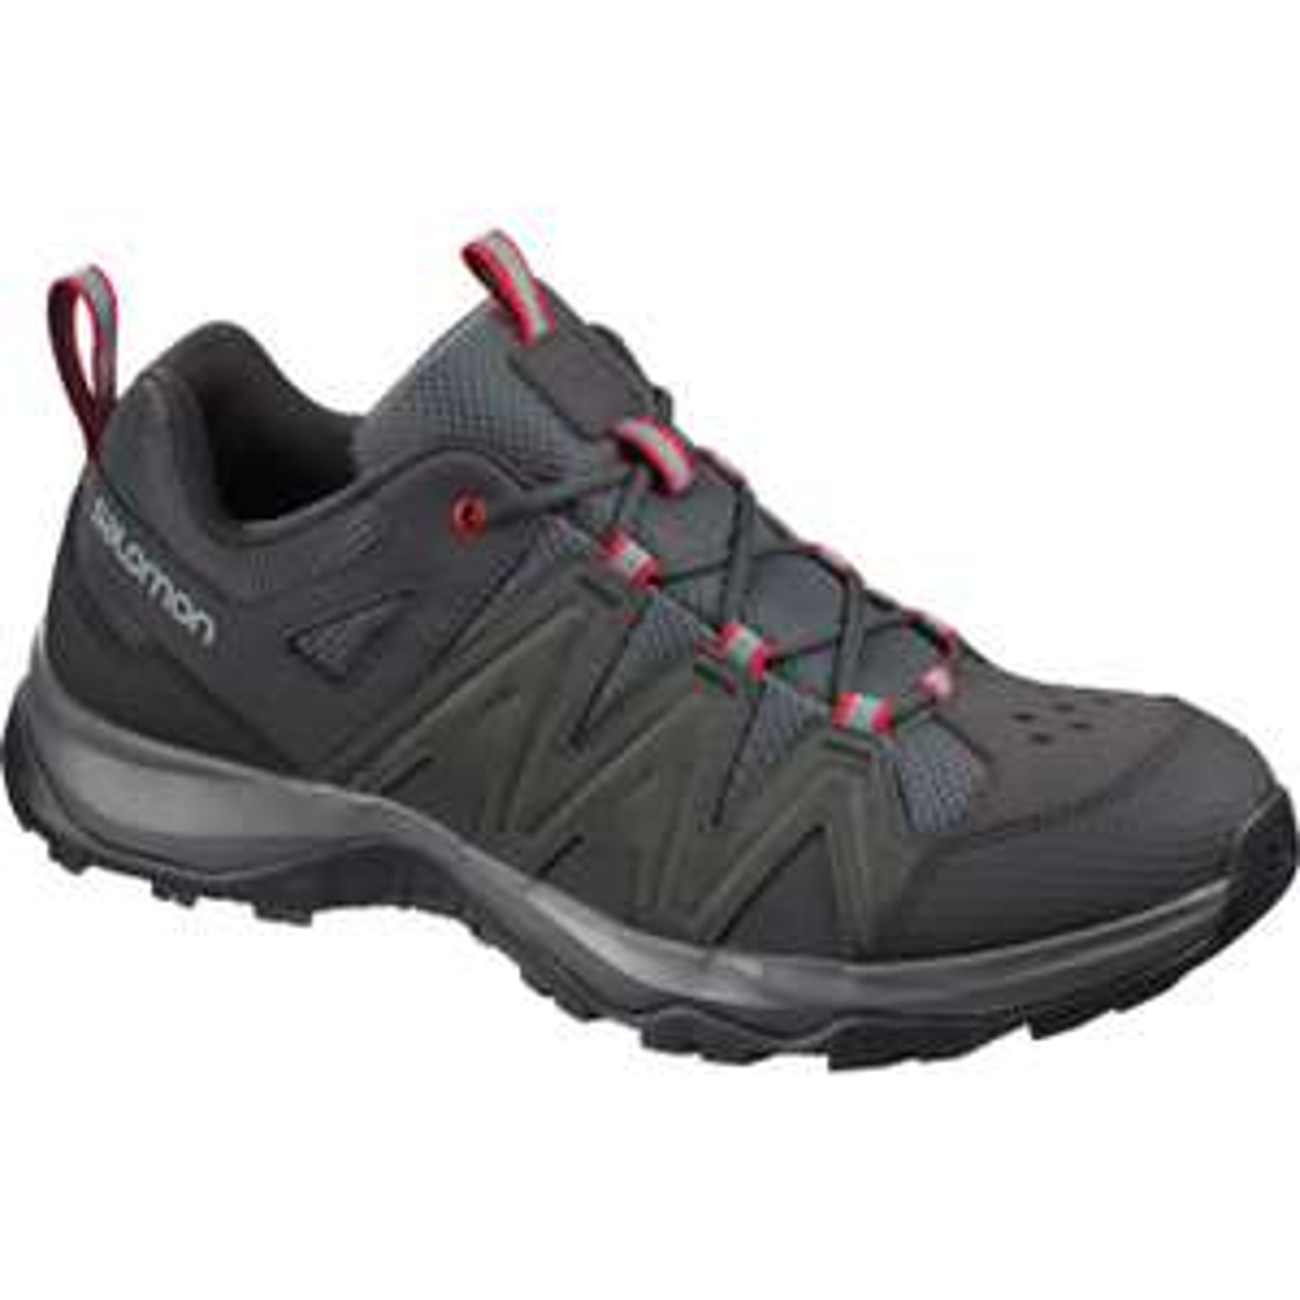 Chaussures trakking/randonnée Homme Salomon Millstream 2M